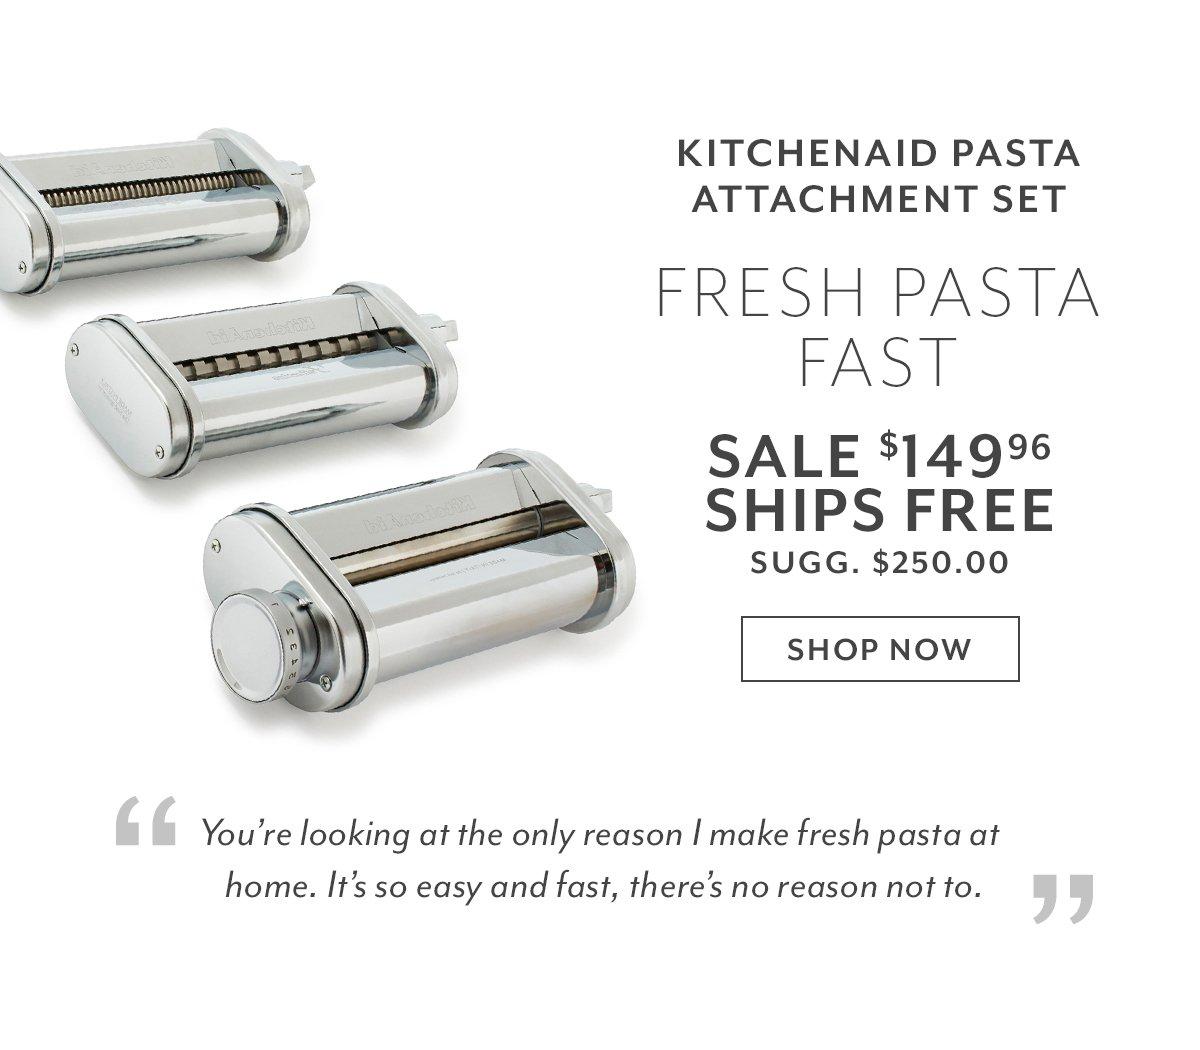 KitchenAid Pasta Attachment Set